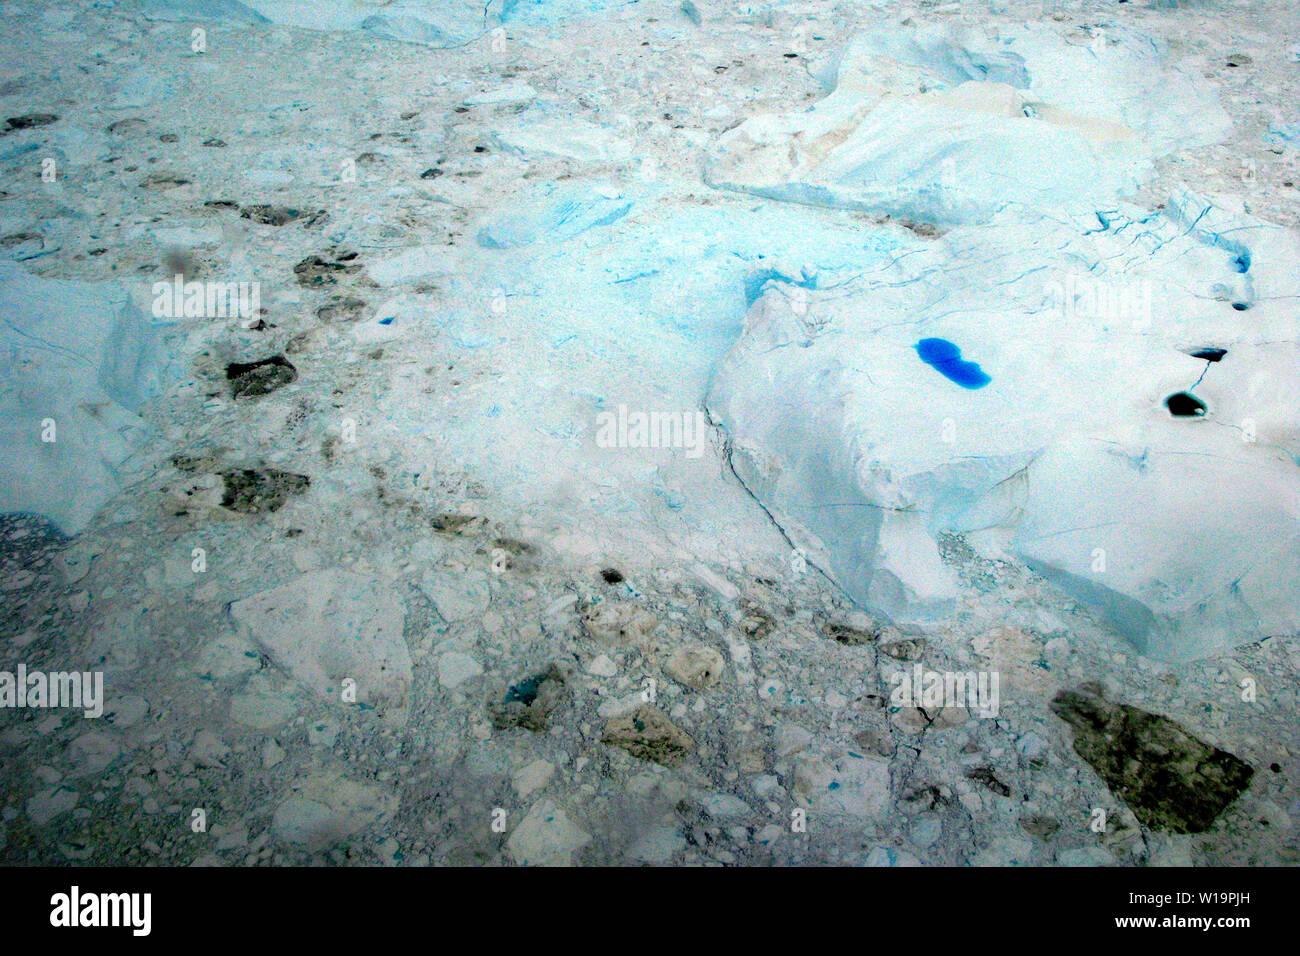 Mare di ghiaccio nella baia di Disko. La National Geographic Society rilasciata il 3 agosto 2015 una nuova mappa raffigurante un radicale perdita di ghiaccio nell'Artico. Check it out per te a http://news.nationalgeographic.com/2015/08/150803-arctic-ice-obama-climate-nation-science/. Secondo i ricercatori del danese Istituto meteorologici quasi dieci chilometri cubi di ghiaccio si scioglie ogni giorno dalla Groenlandia lastra di ghiaccio, acqua dolce di dumping nell'oceano. La lastra di ghiaccio gioca un ruolo importante nel raffreddare il pianeta, come 90 percento di luce del sole è riflessa di ritorno fuori nell'atmosfera. Perdere la Groenlandia ho Immagini Stock